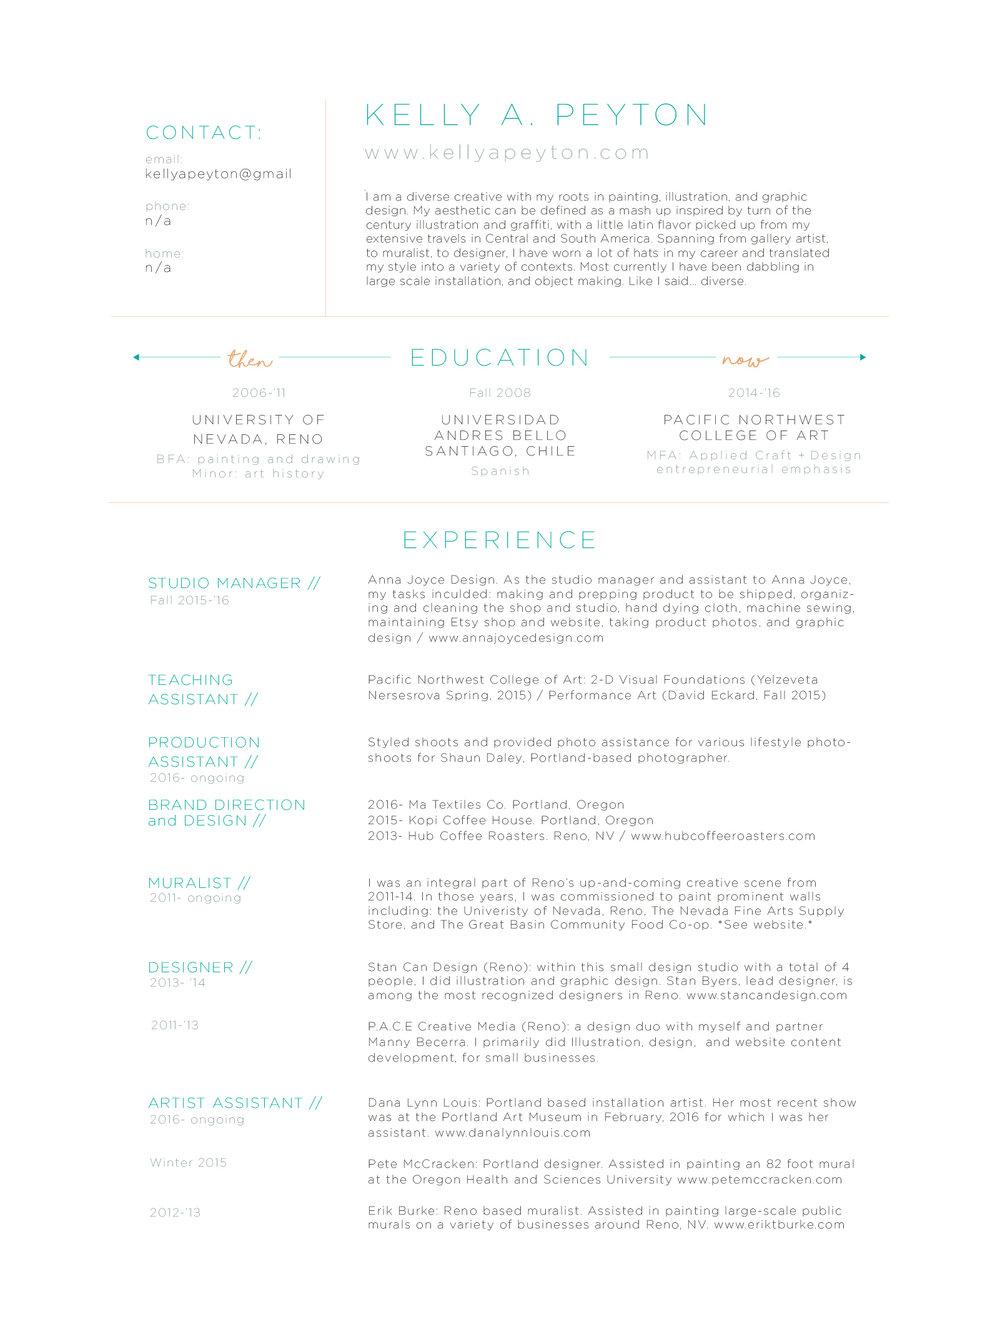 KAP_resume2017.jpg